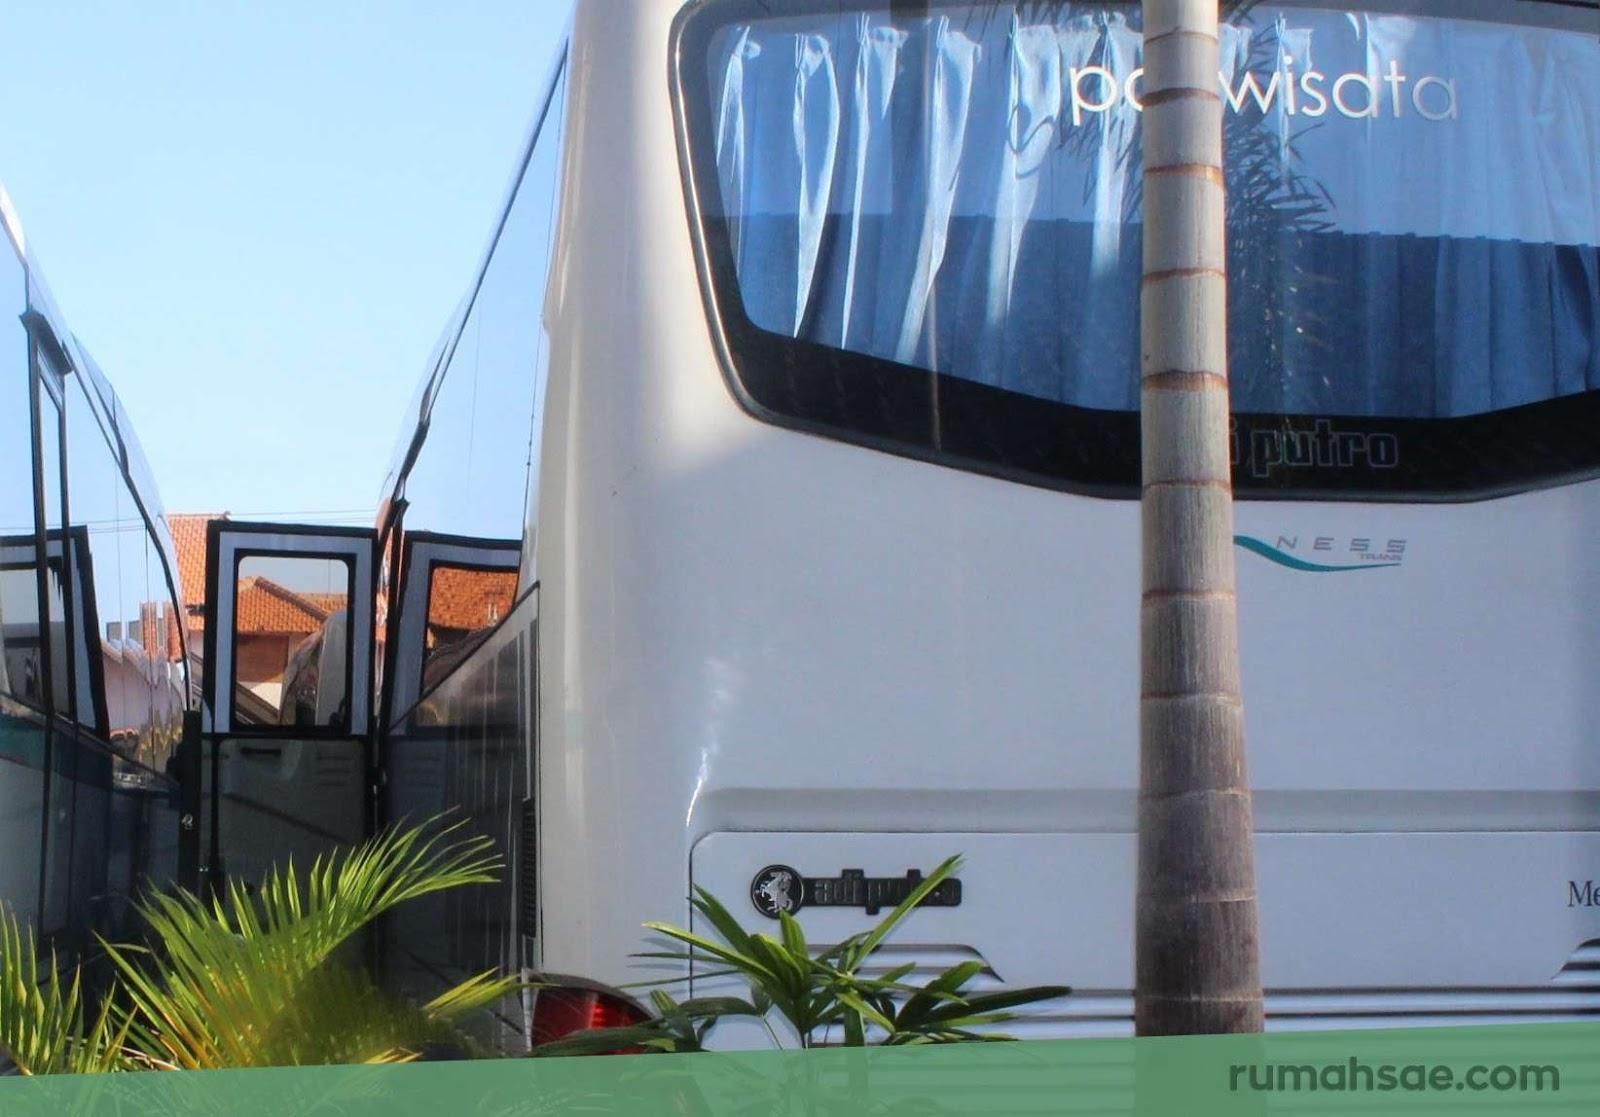 5 Hal tentang Bus Pariwisata yang Perlu Ditanyakan kepada Biro Wisata